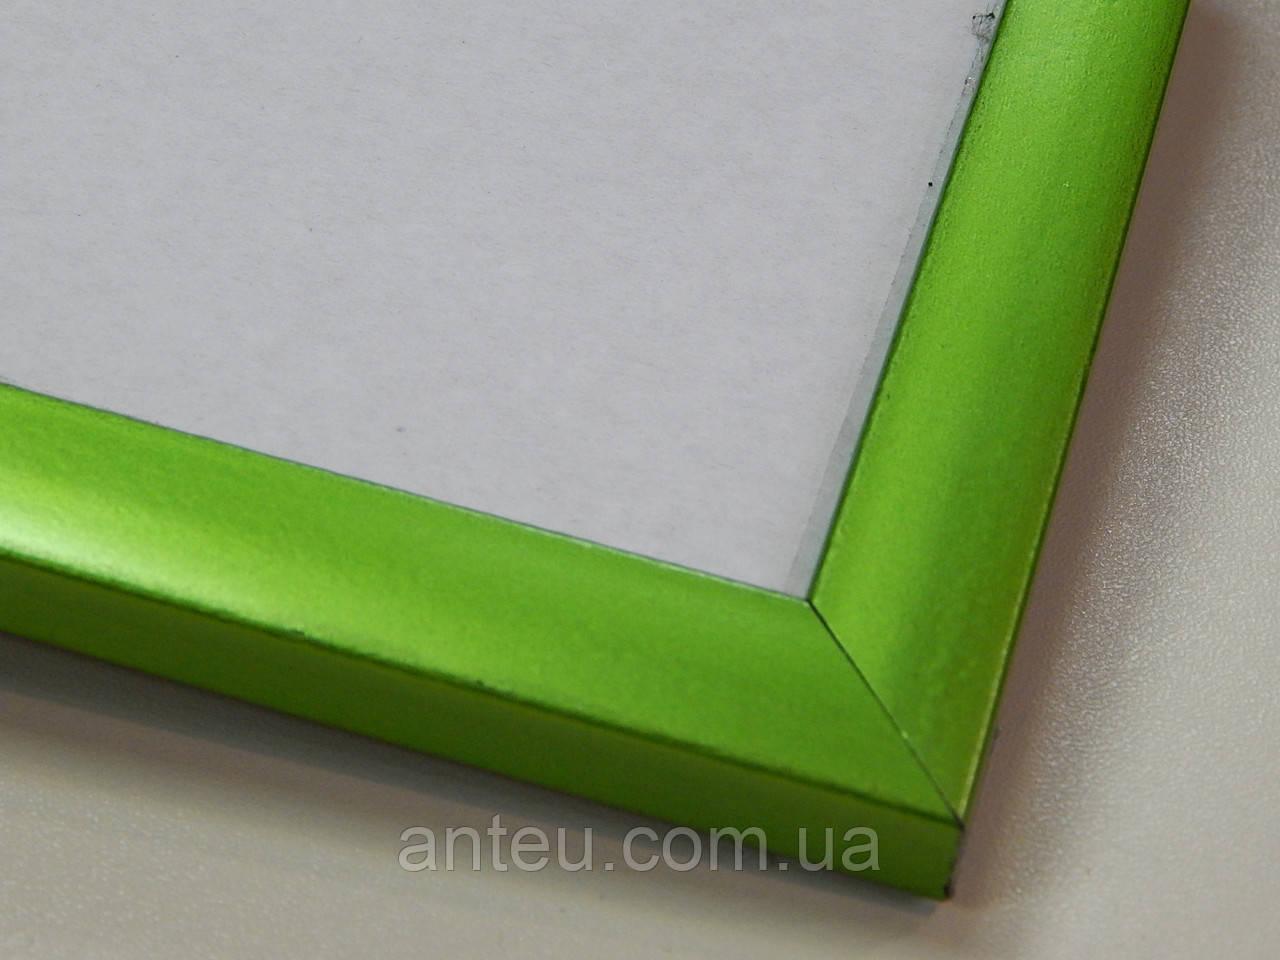 Рамка А4 (297х210).Рамка пластиковая 16 мм.Салатовый металик.